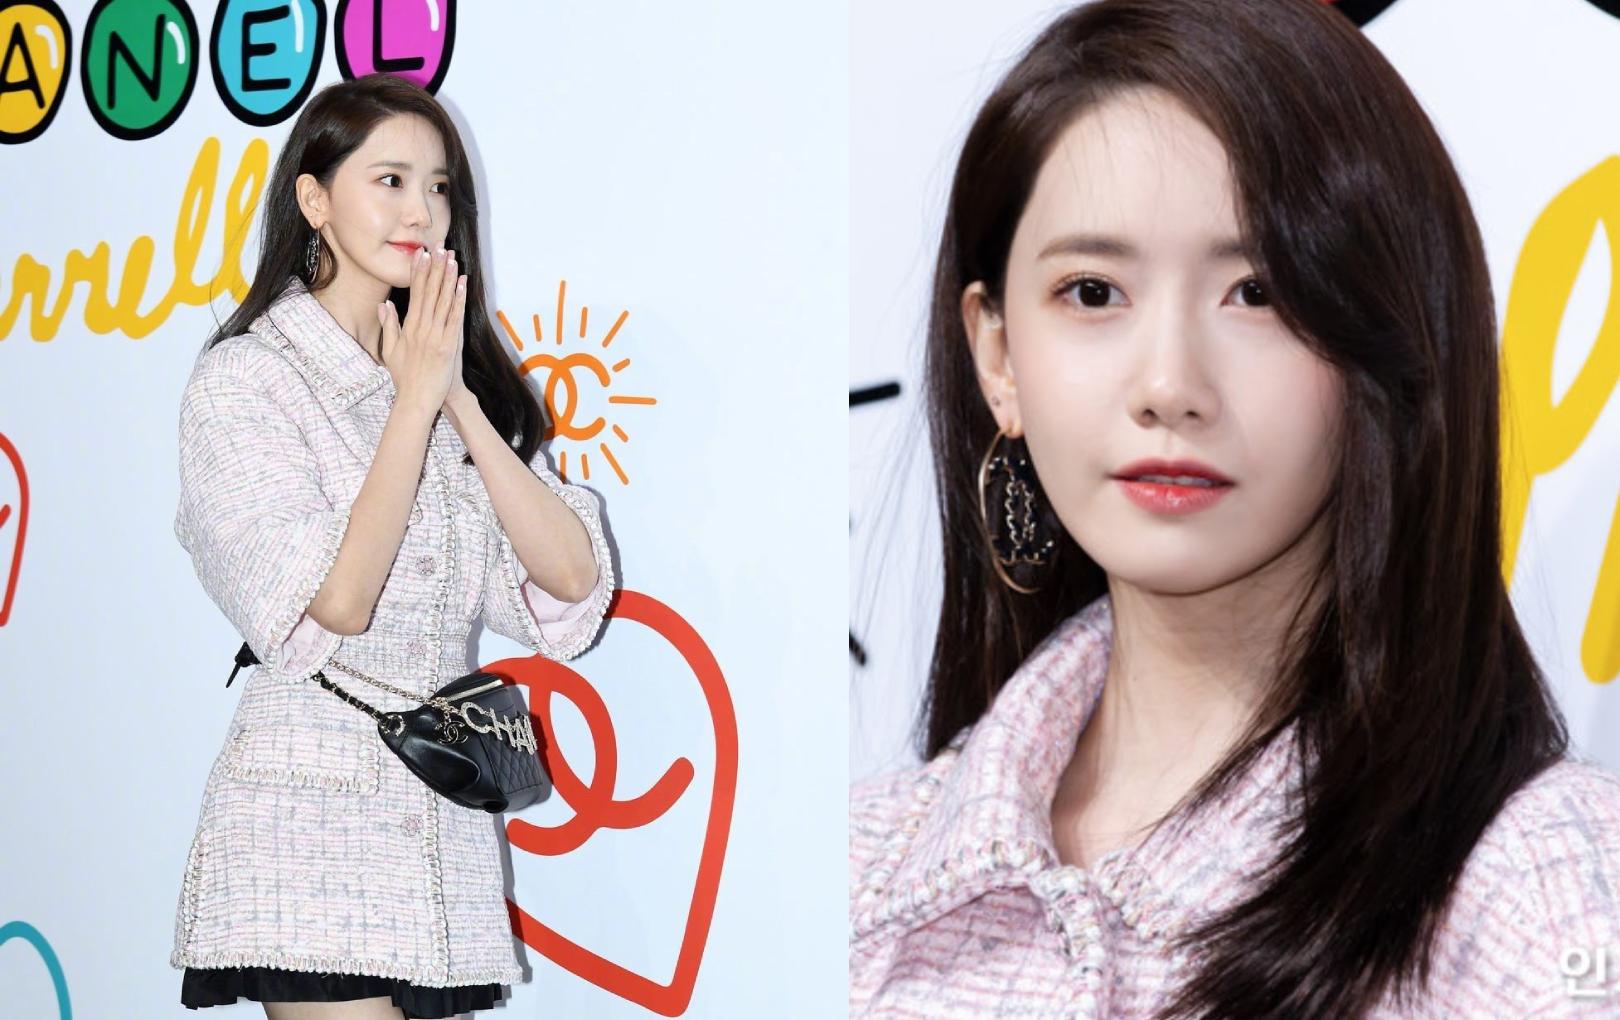 """Ngất lịm trước loạt ảnh Yoona đi sự kiện tầm này năm ngoái: Chỉ 1 tấm ảnh """"team qua đường"""" chụp điện thoại cũng đủ gây sốt"""